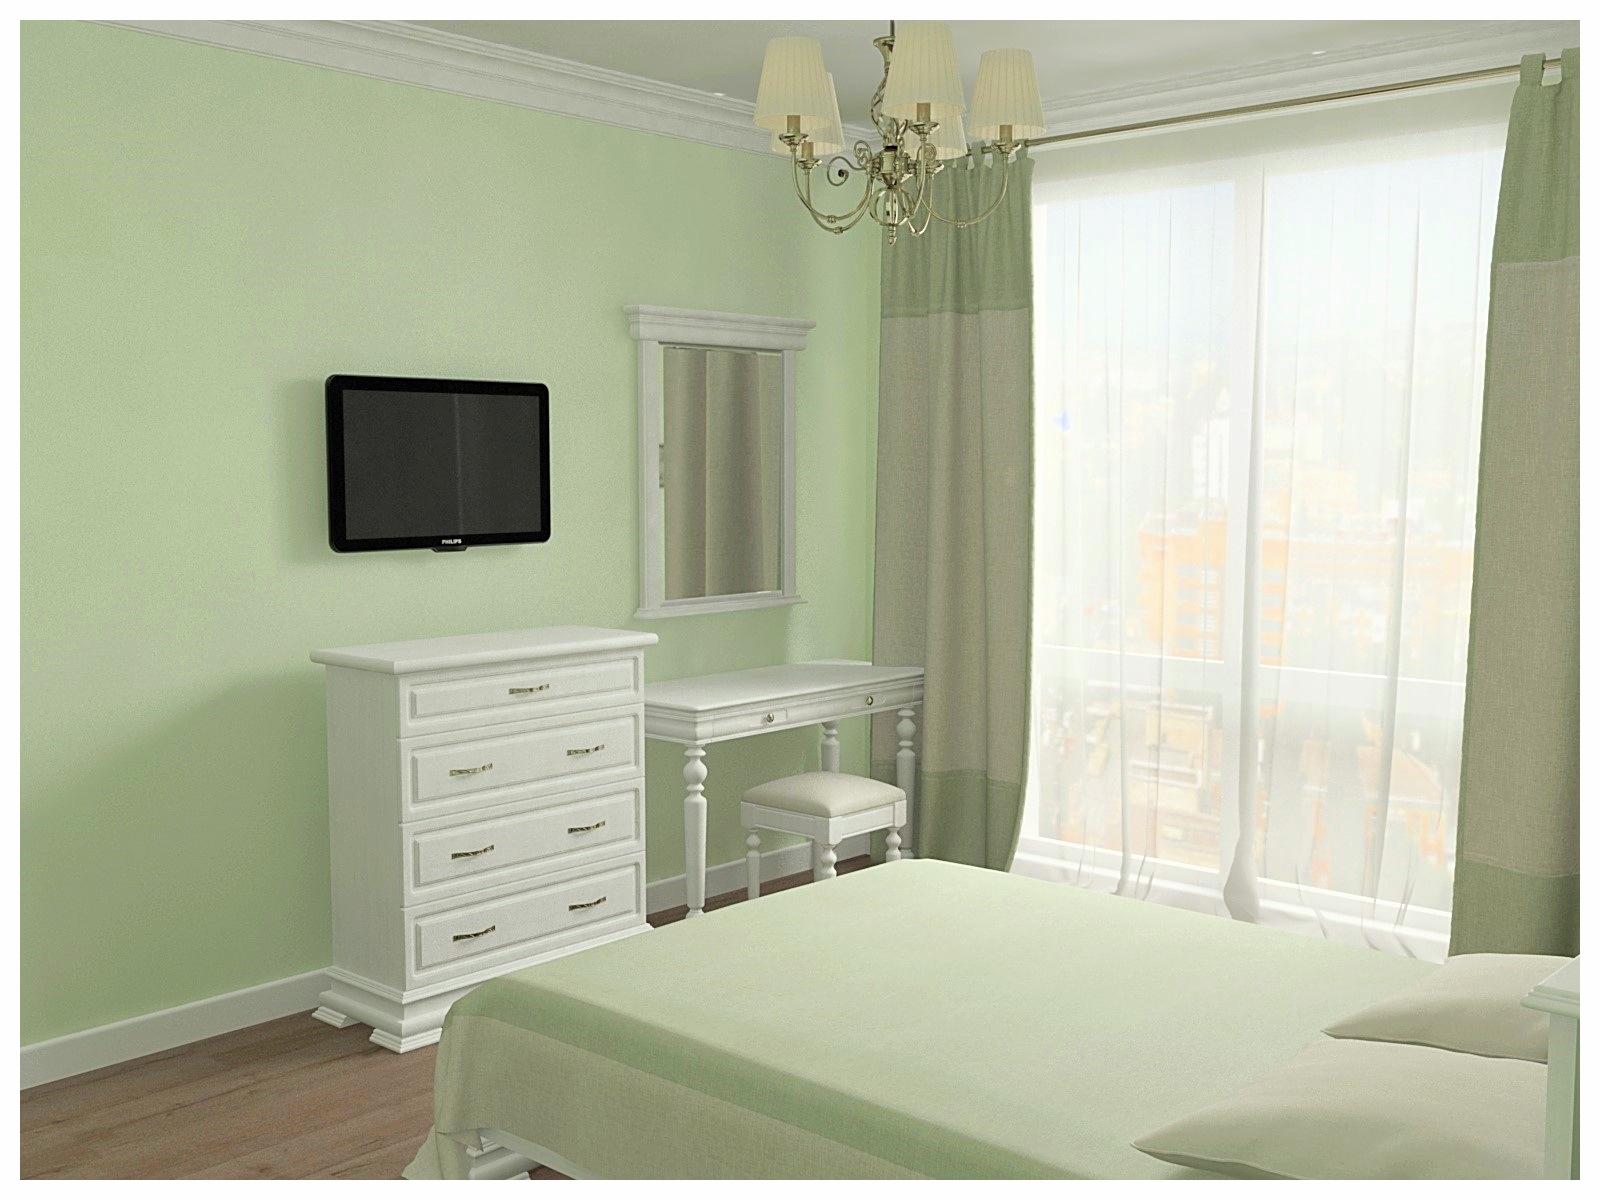 Дизайн интерьеров по договору на дизайн проект двухкомнатной квартиры. Спальня 1.